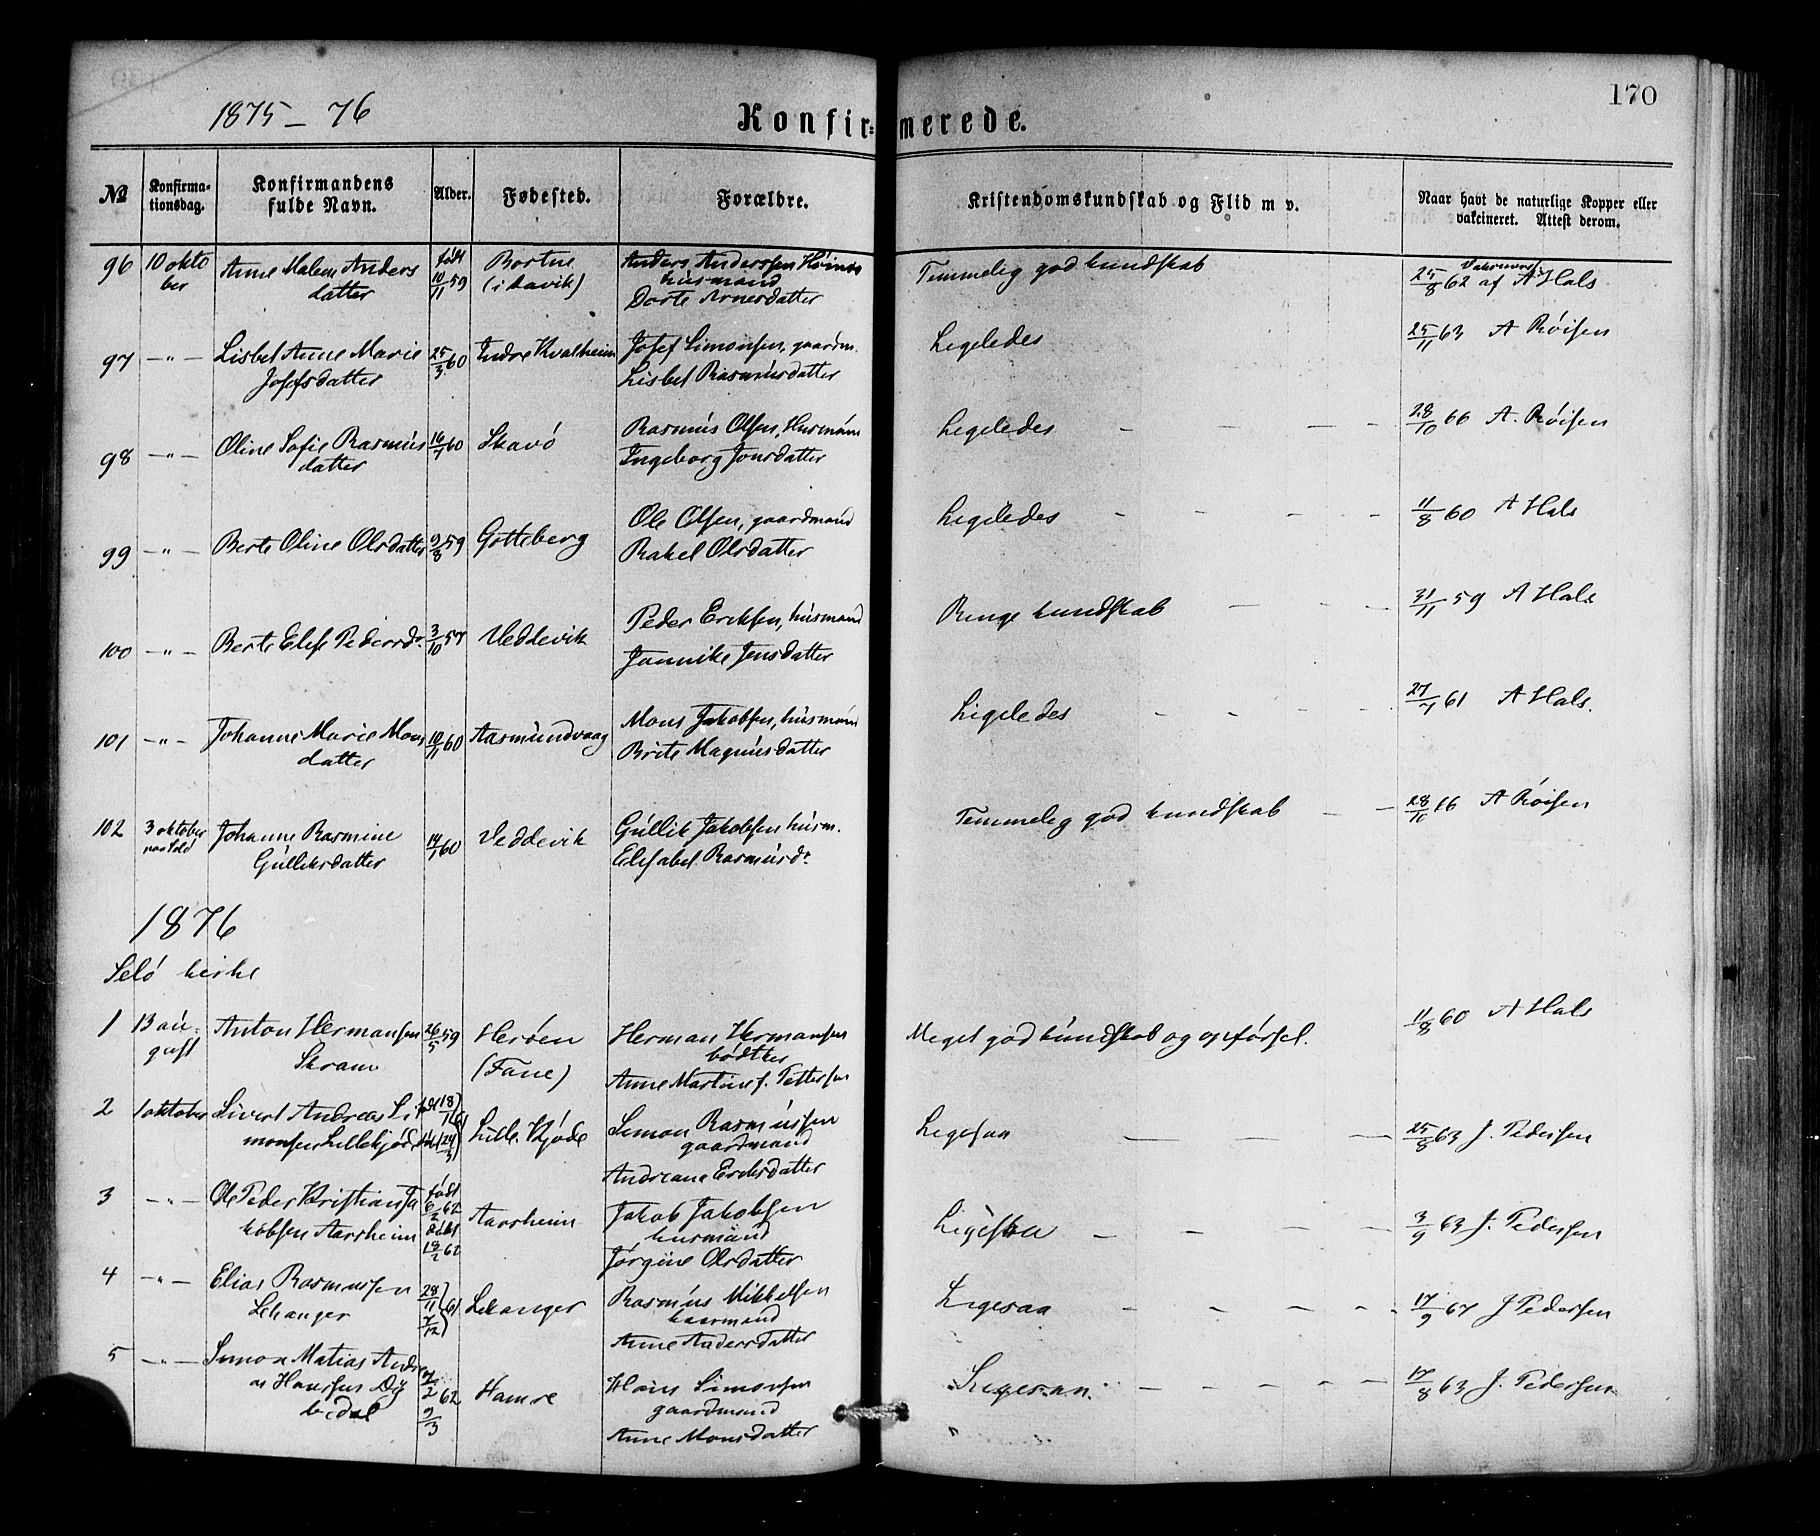 SAB, Selje sokneprestembete*, Ministerialbok nr. A 12, 1870-1880, s. 170